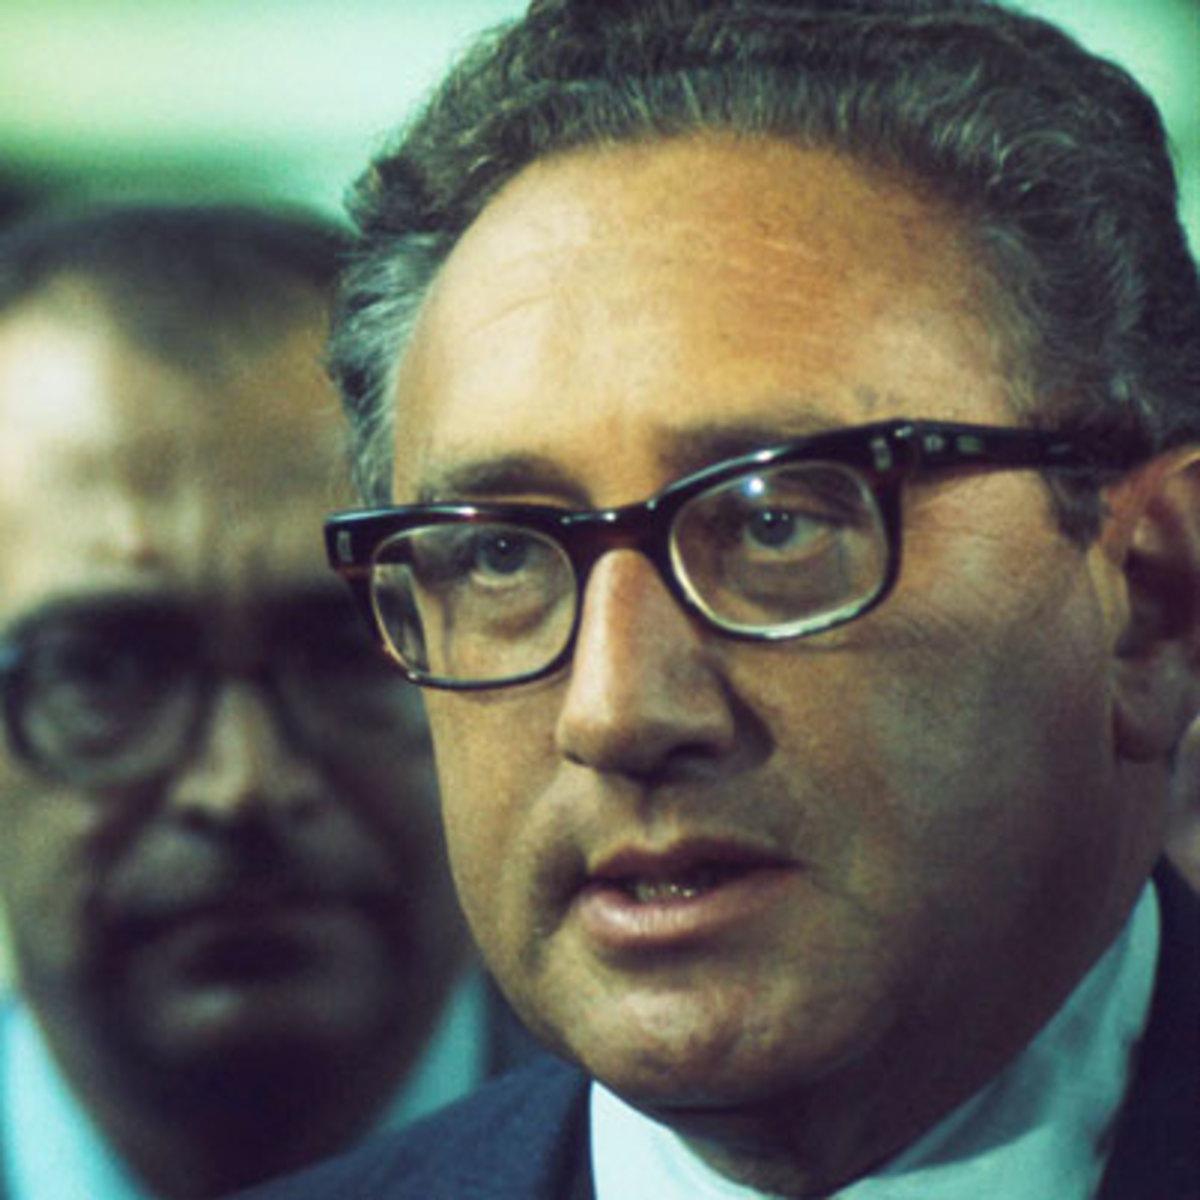 Henry Kissinger - Architect Of The New World Order